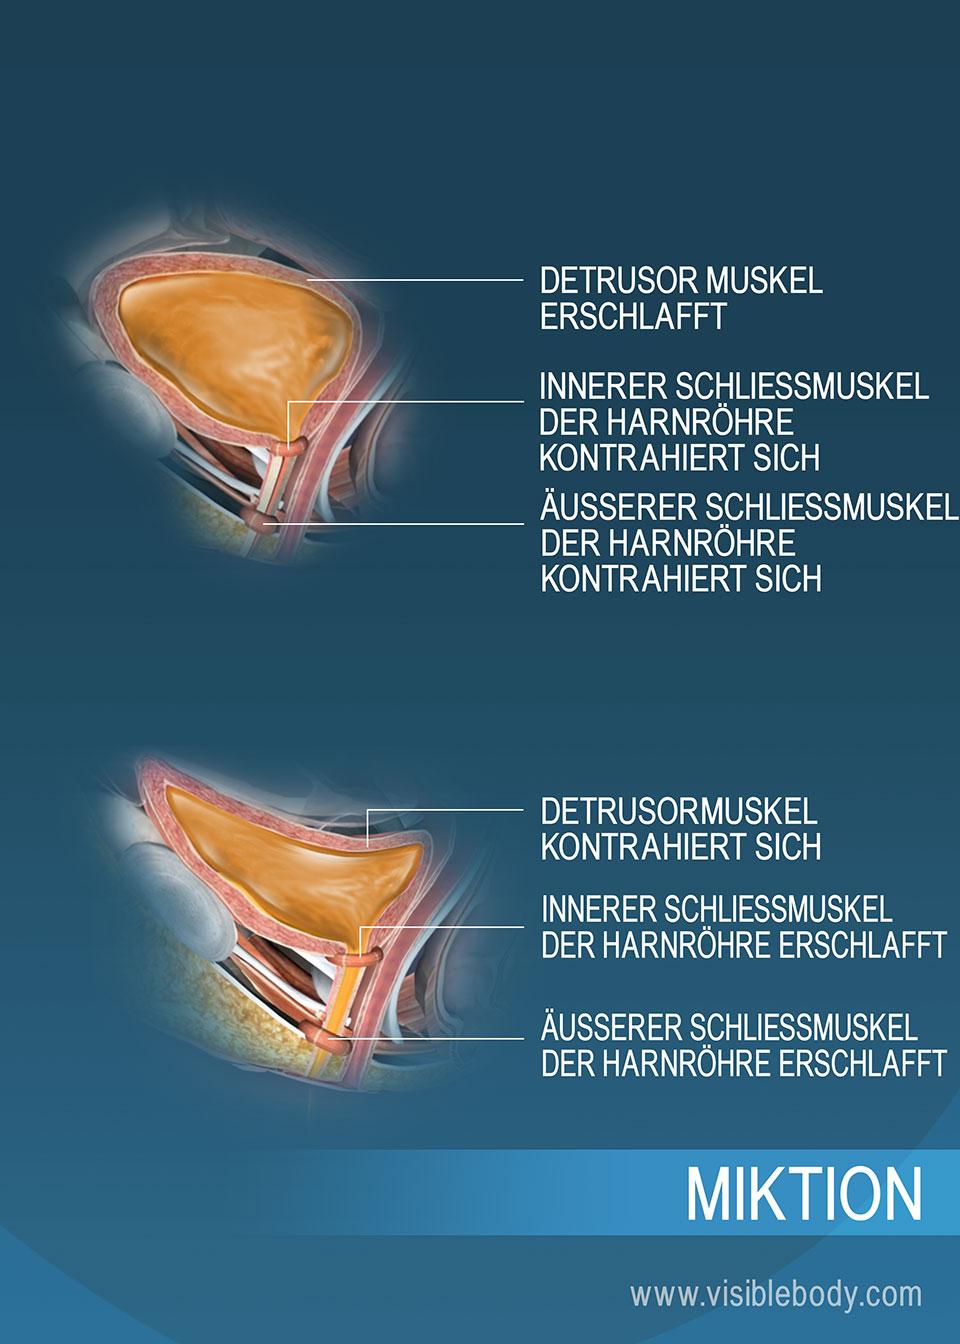 Eine Harnblase mit gesammeltem Urin und eine Harnblase im Zustand der Entleerung – jeweils mit den Harnröhrenschließmuskeln und dem Detrusormuskel, die den Vorgang erleichtern